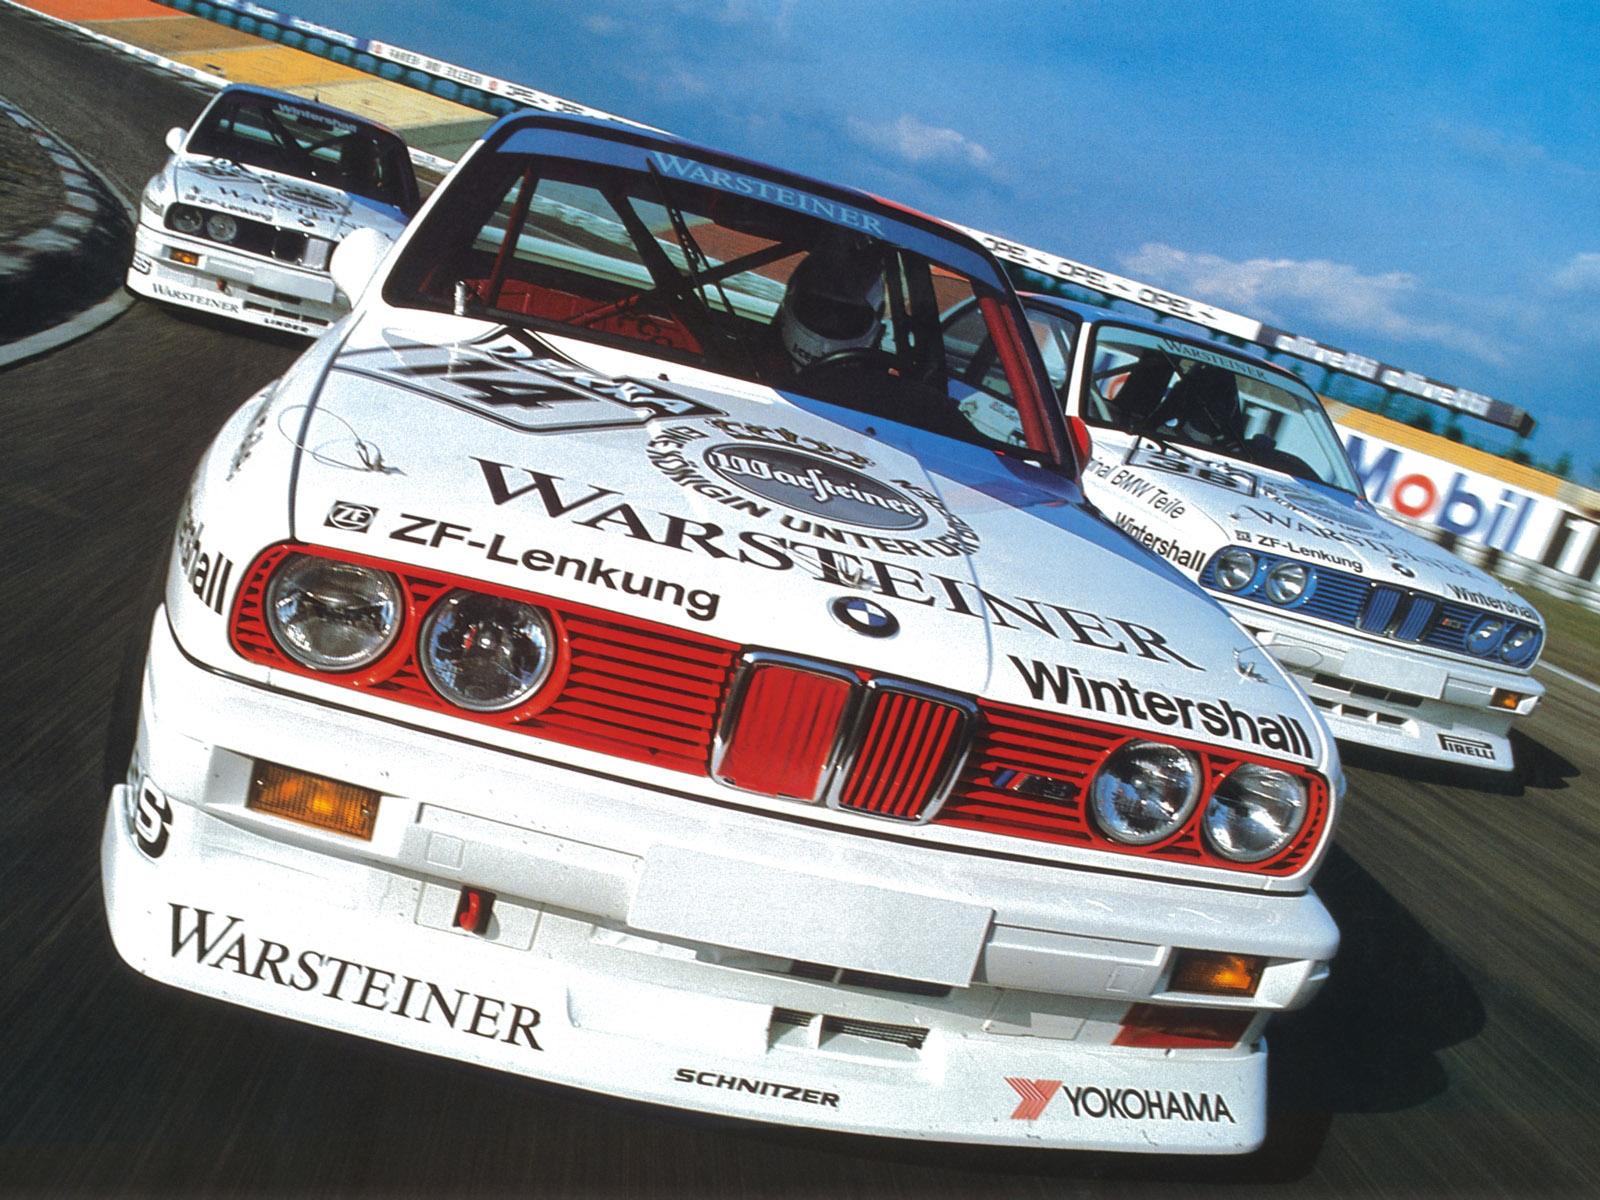 Az E30 M3 rajthoz állt a brit, az olasz, a francia és az ausztrál túraautó-bajnokságokban, de jelen volt az első WTCC szezonban és persze a DTM-ben is. Utóbbiban 1987-ben Eric Van Der Poele, majd 1989-ben Roberto Ravaglia nyert bajnokságot az M3-mal. Majd hallani sem lehetett felőlük.